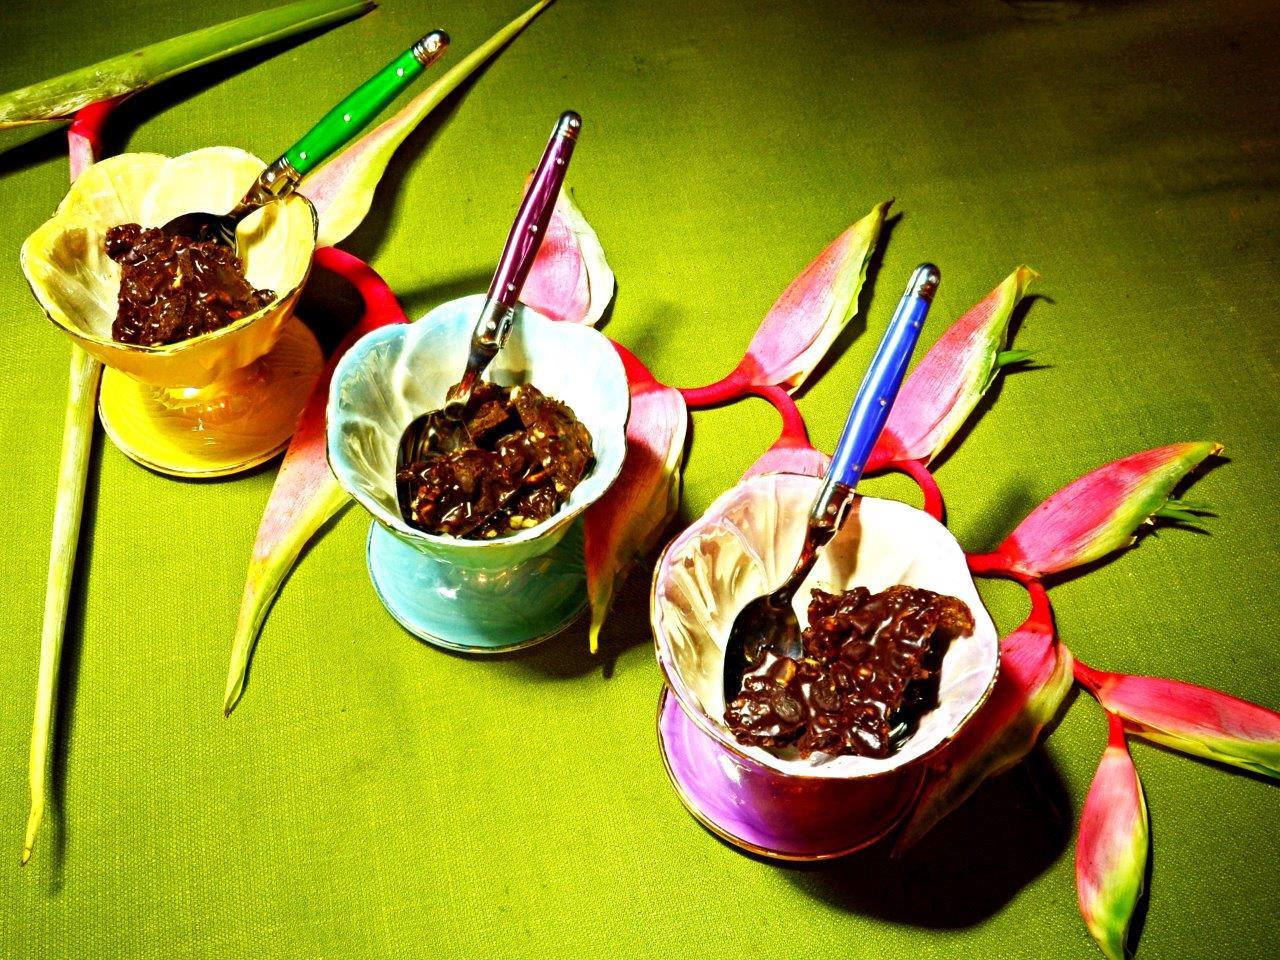 Zesty_Dessert_Chocolate